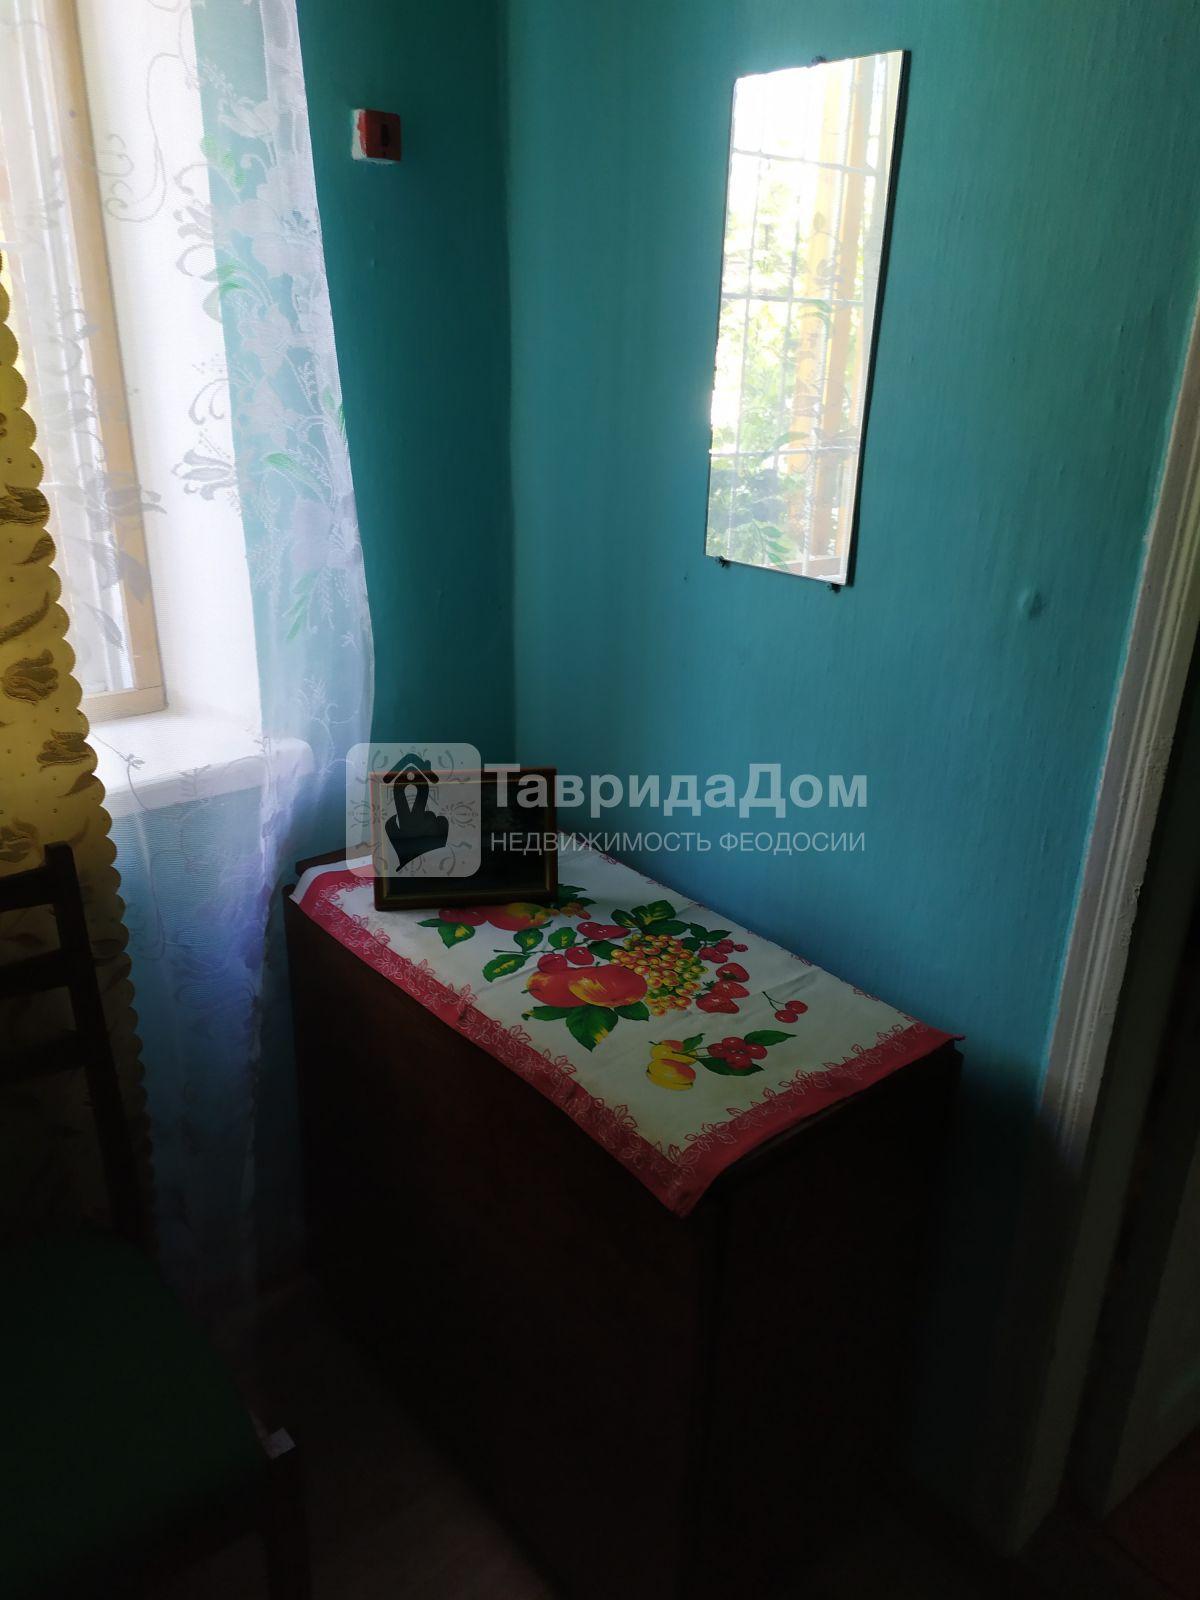 Дом в аренду по адресу Россия, Республика Крым, Феодосия, Насыпная ул, 15